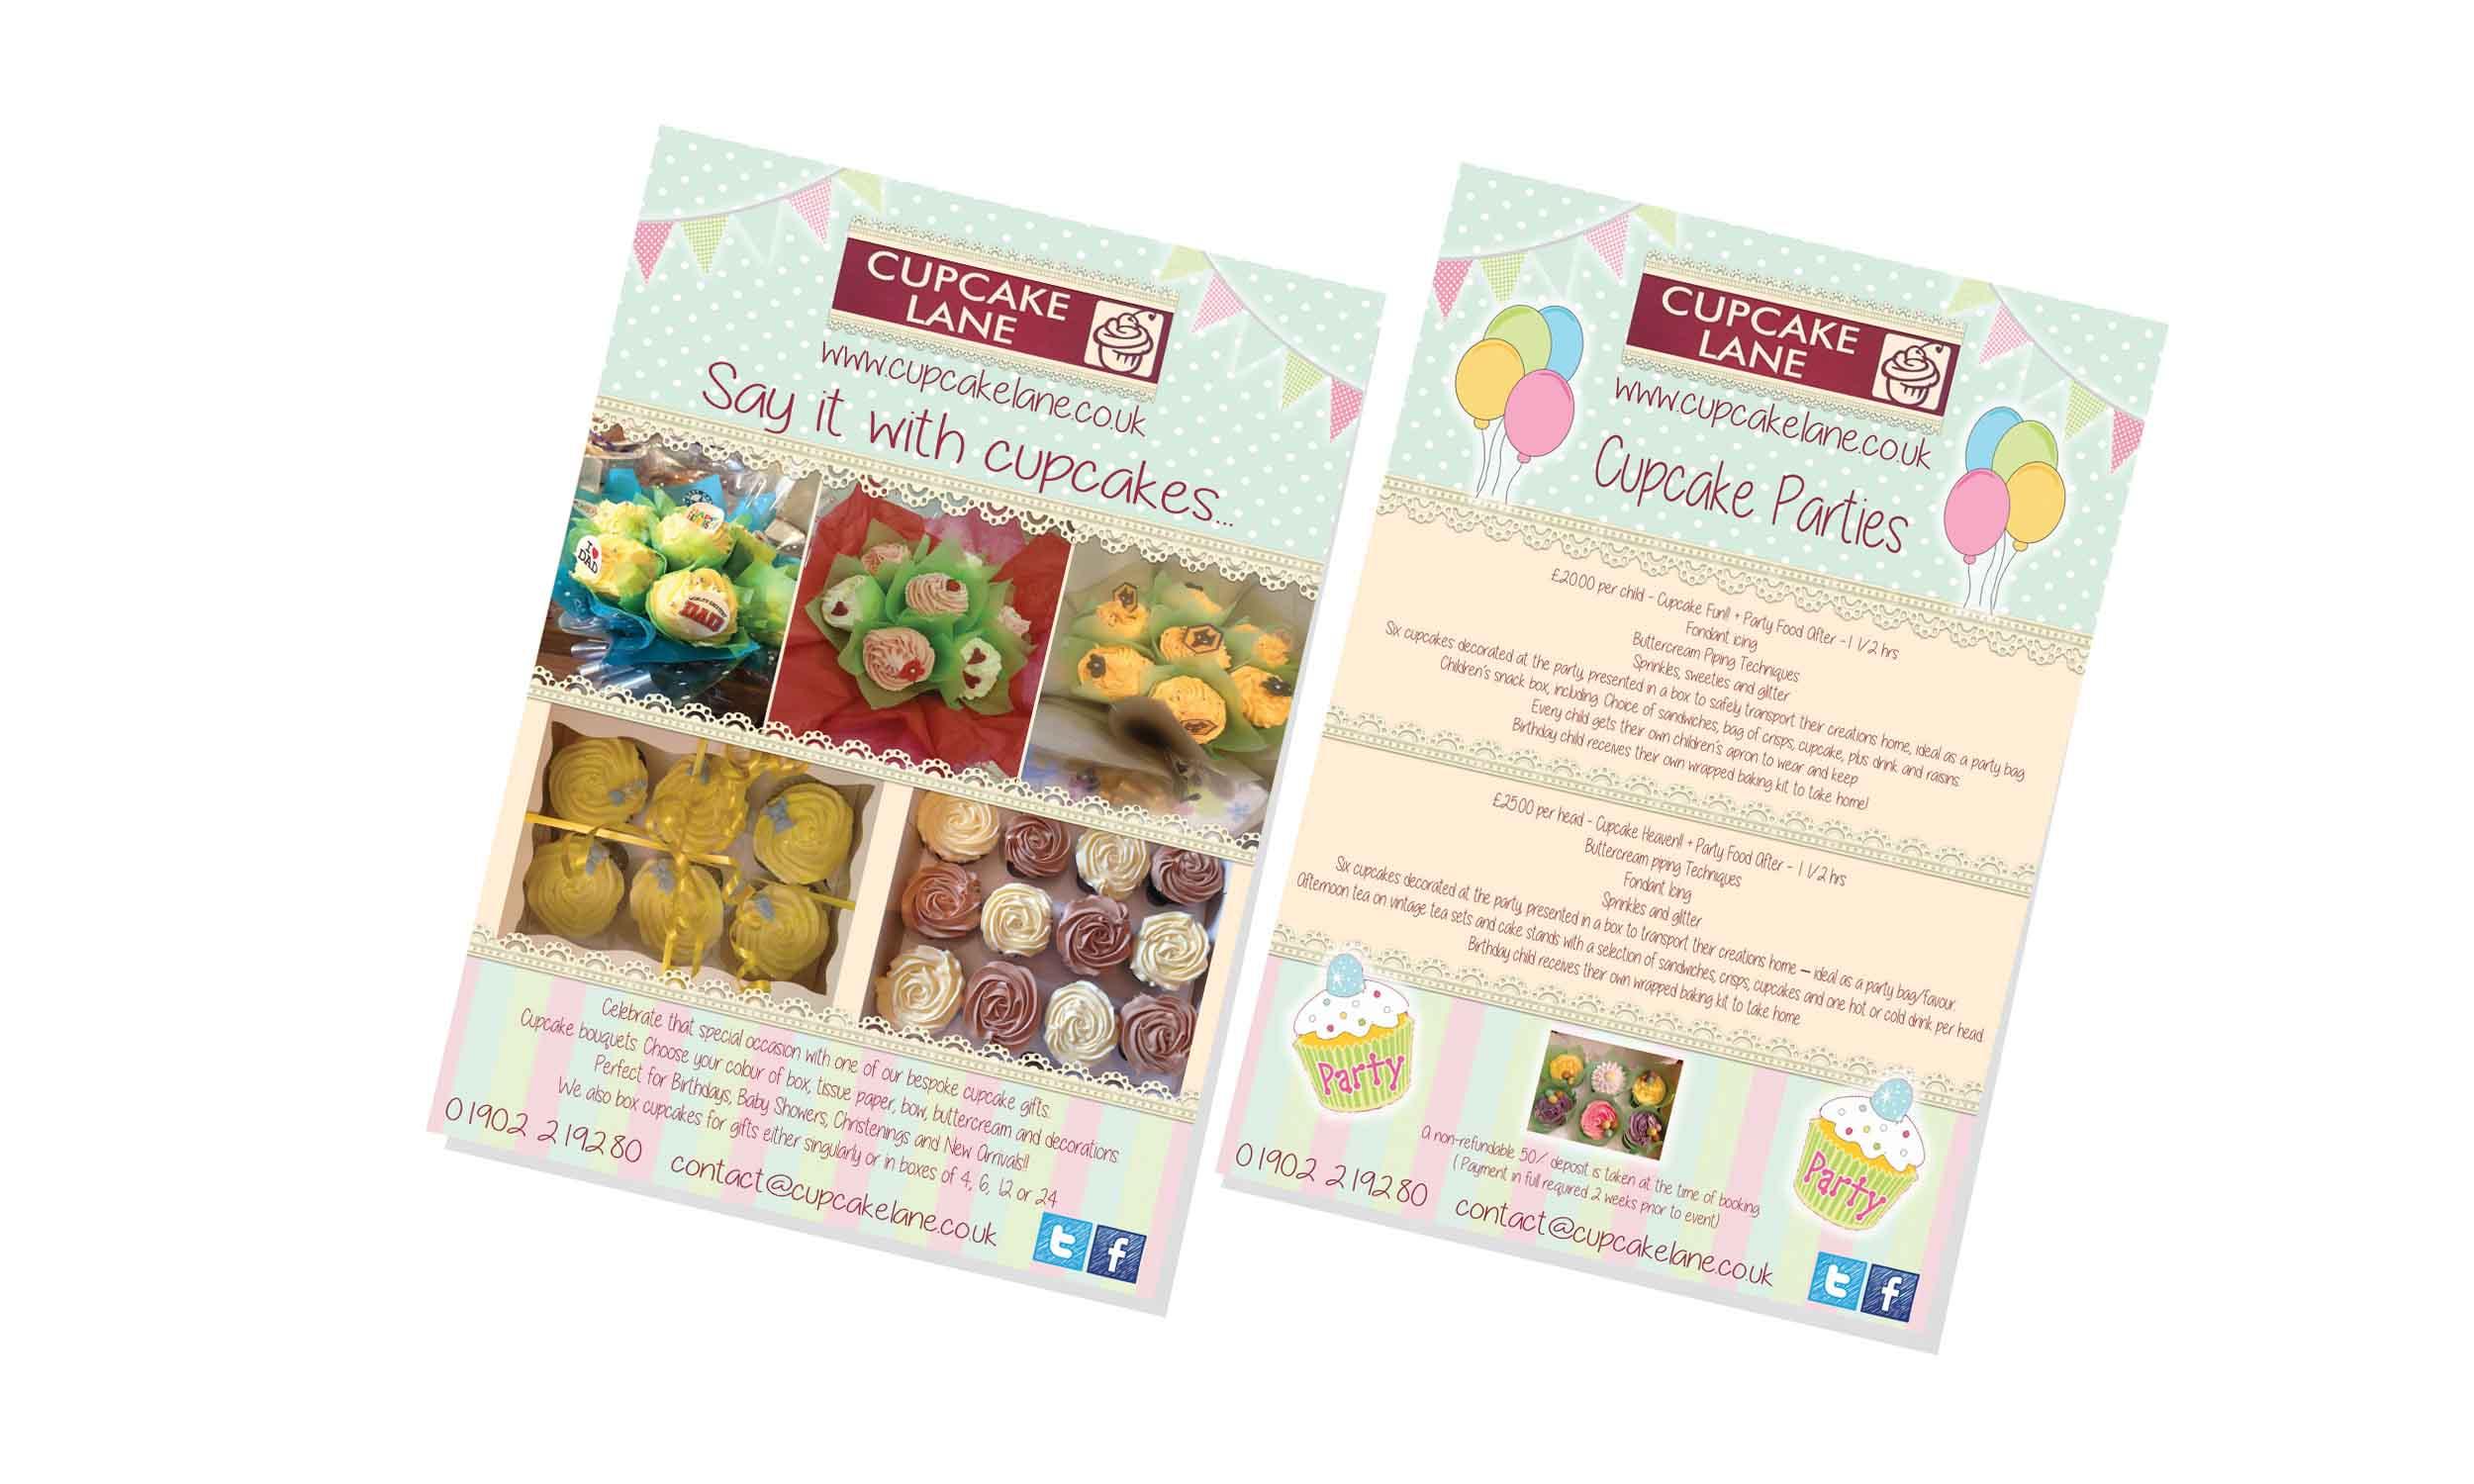 Cupcake Lane Leaflets